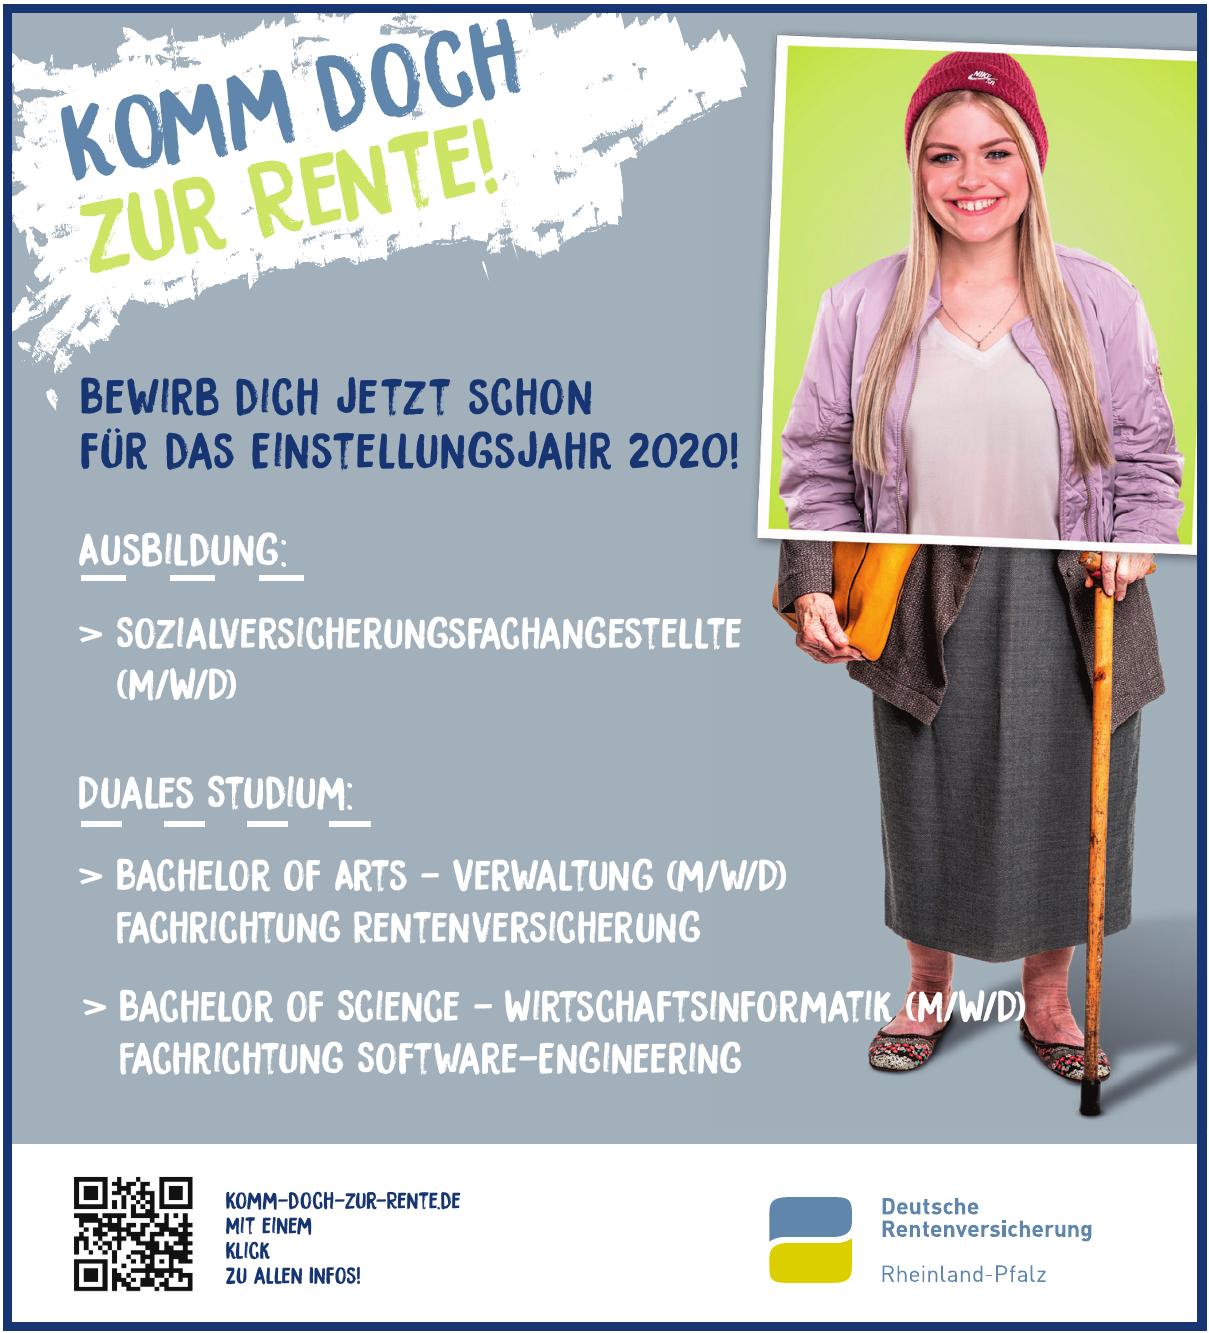 Deutsche Rentenversicherung Rheinland-Pfalz